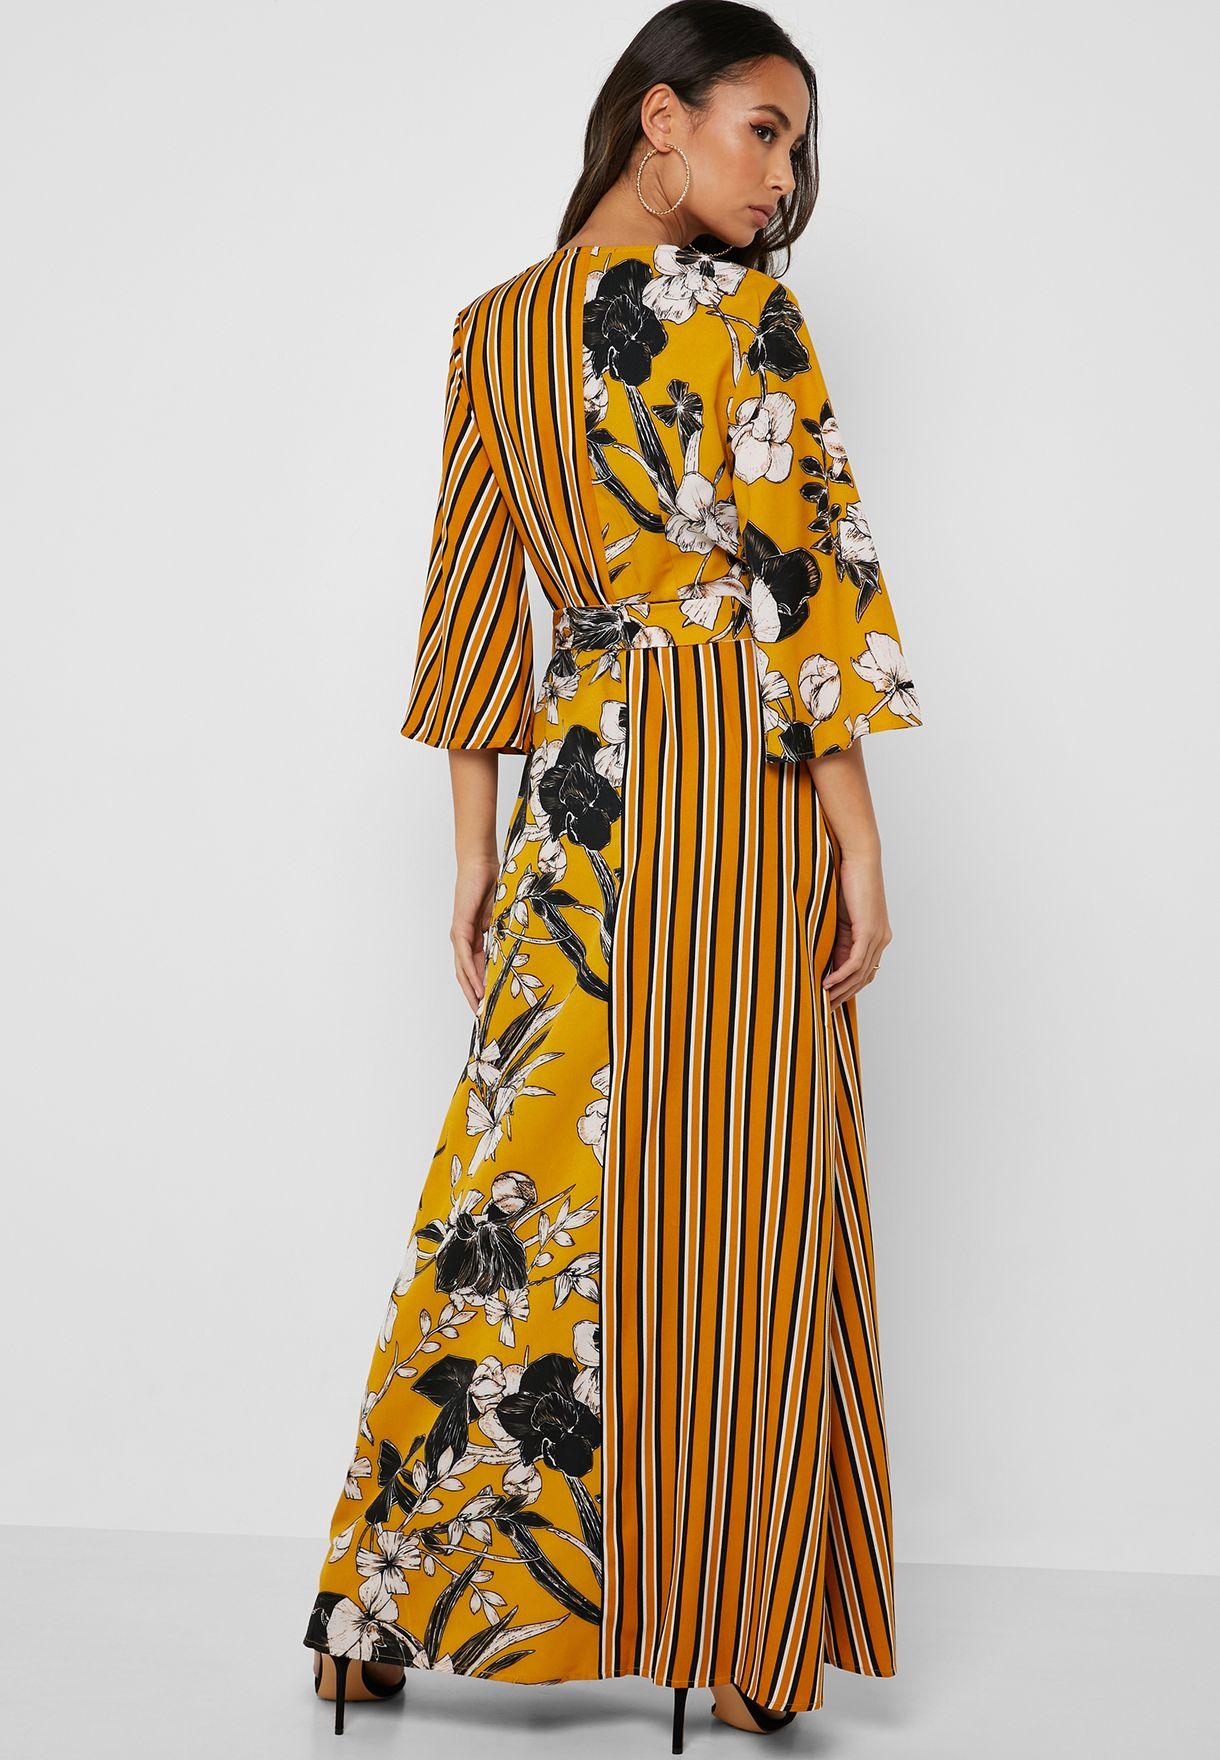 Striped Floral Print Wrap Dress